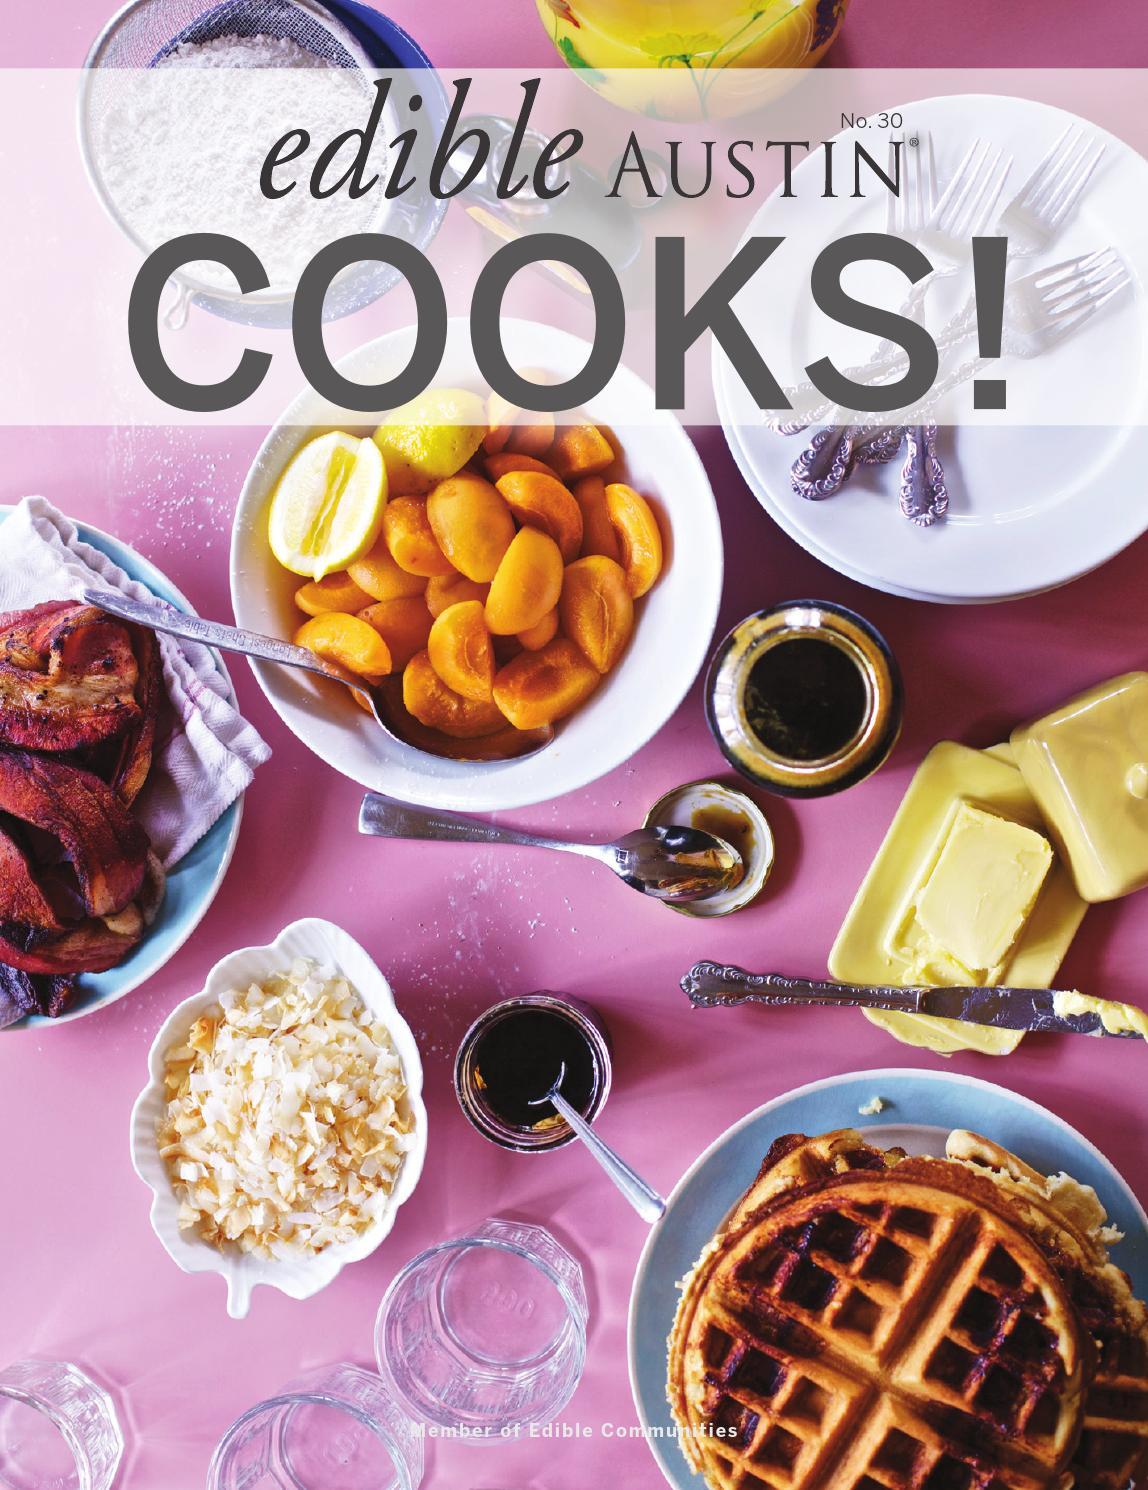 Edible Austin Cooks! by Edible Austin - issuu